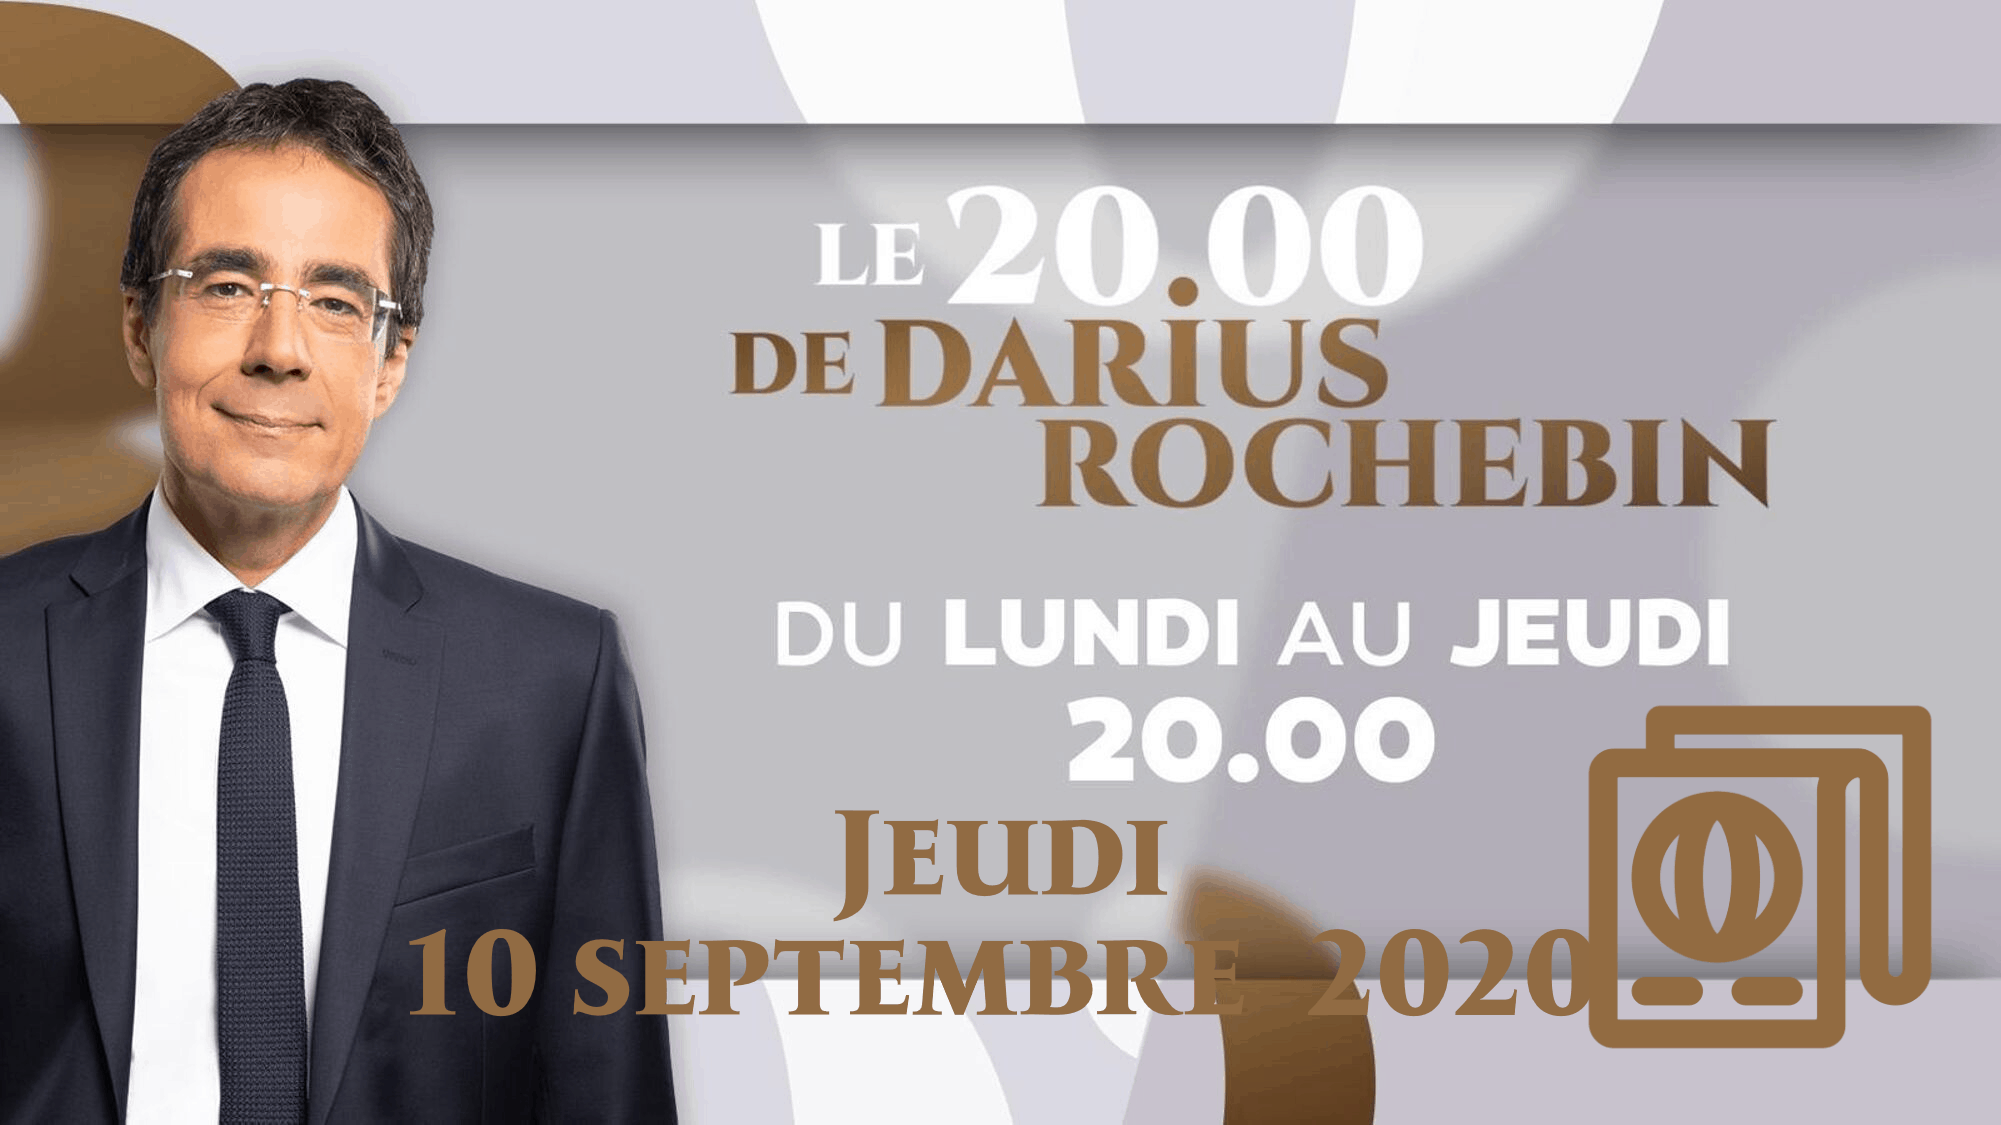 20h DARIUS ROCHEBIN jeudi 10 septembre 2020